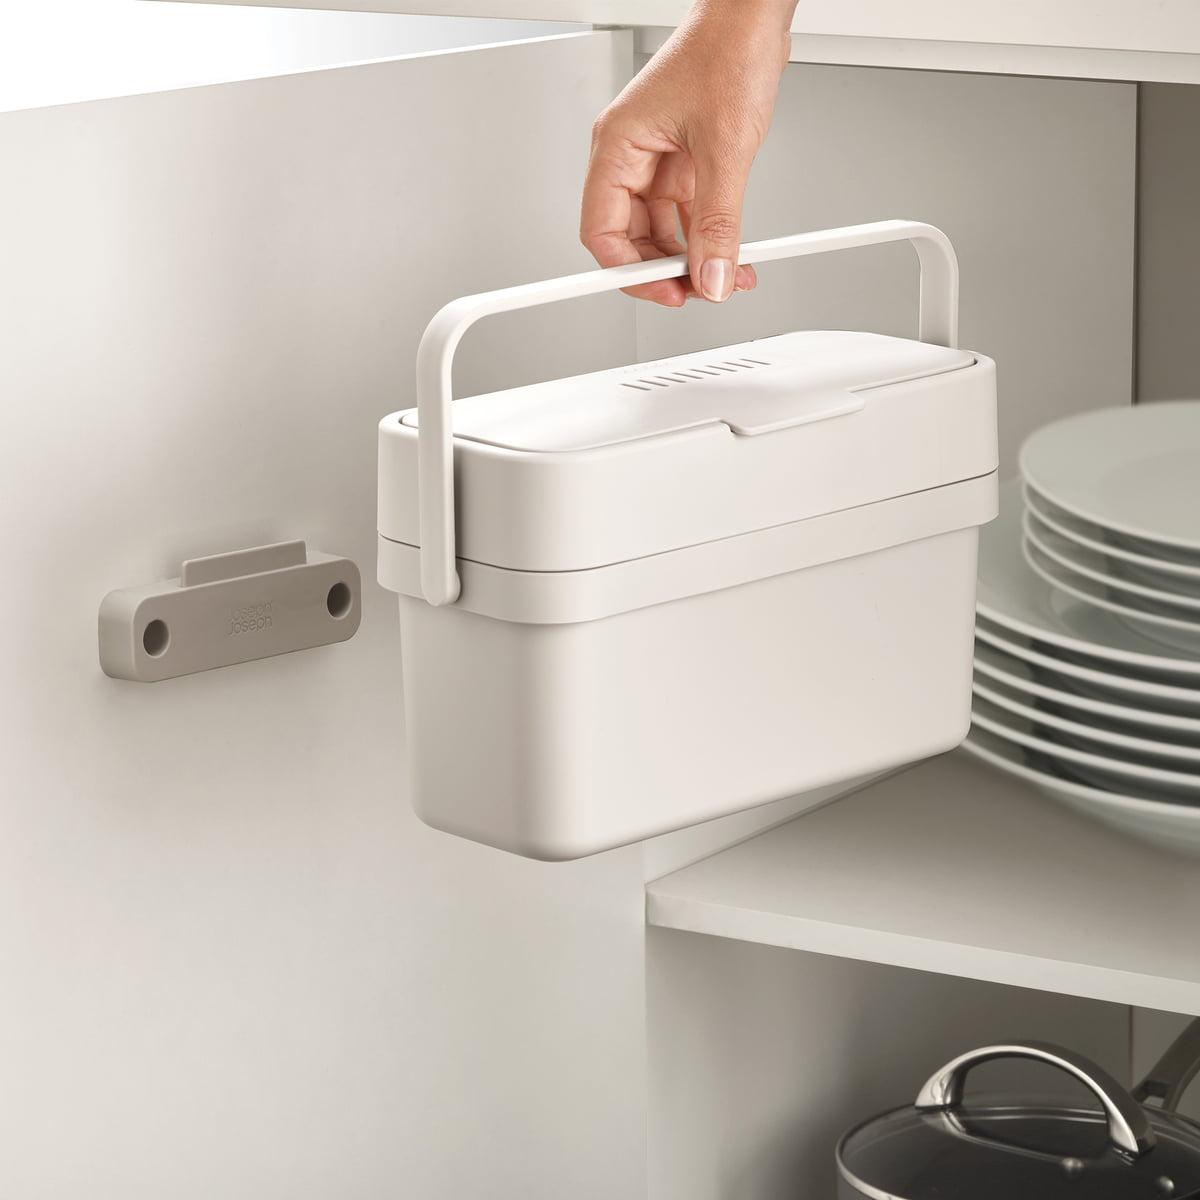 Joseph Joseph - Compo 4 Bio-Mülleimer inkl. Halterung  grau   Küche und Esszimmer > Küchen-Zubehör   Joseph Joseph